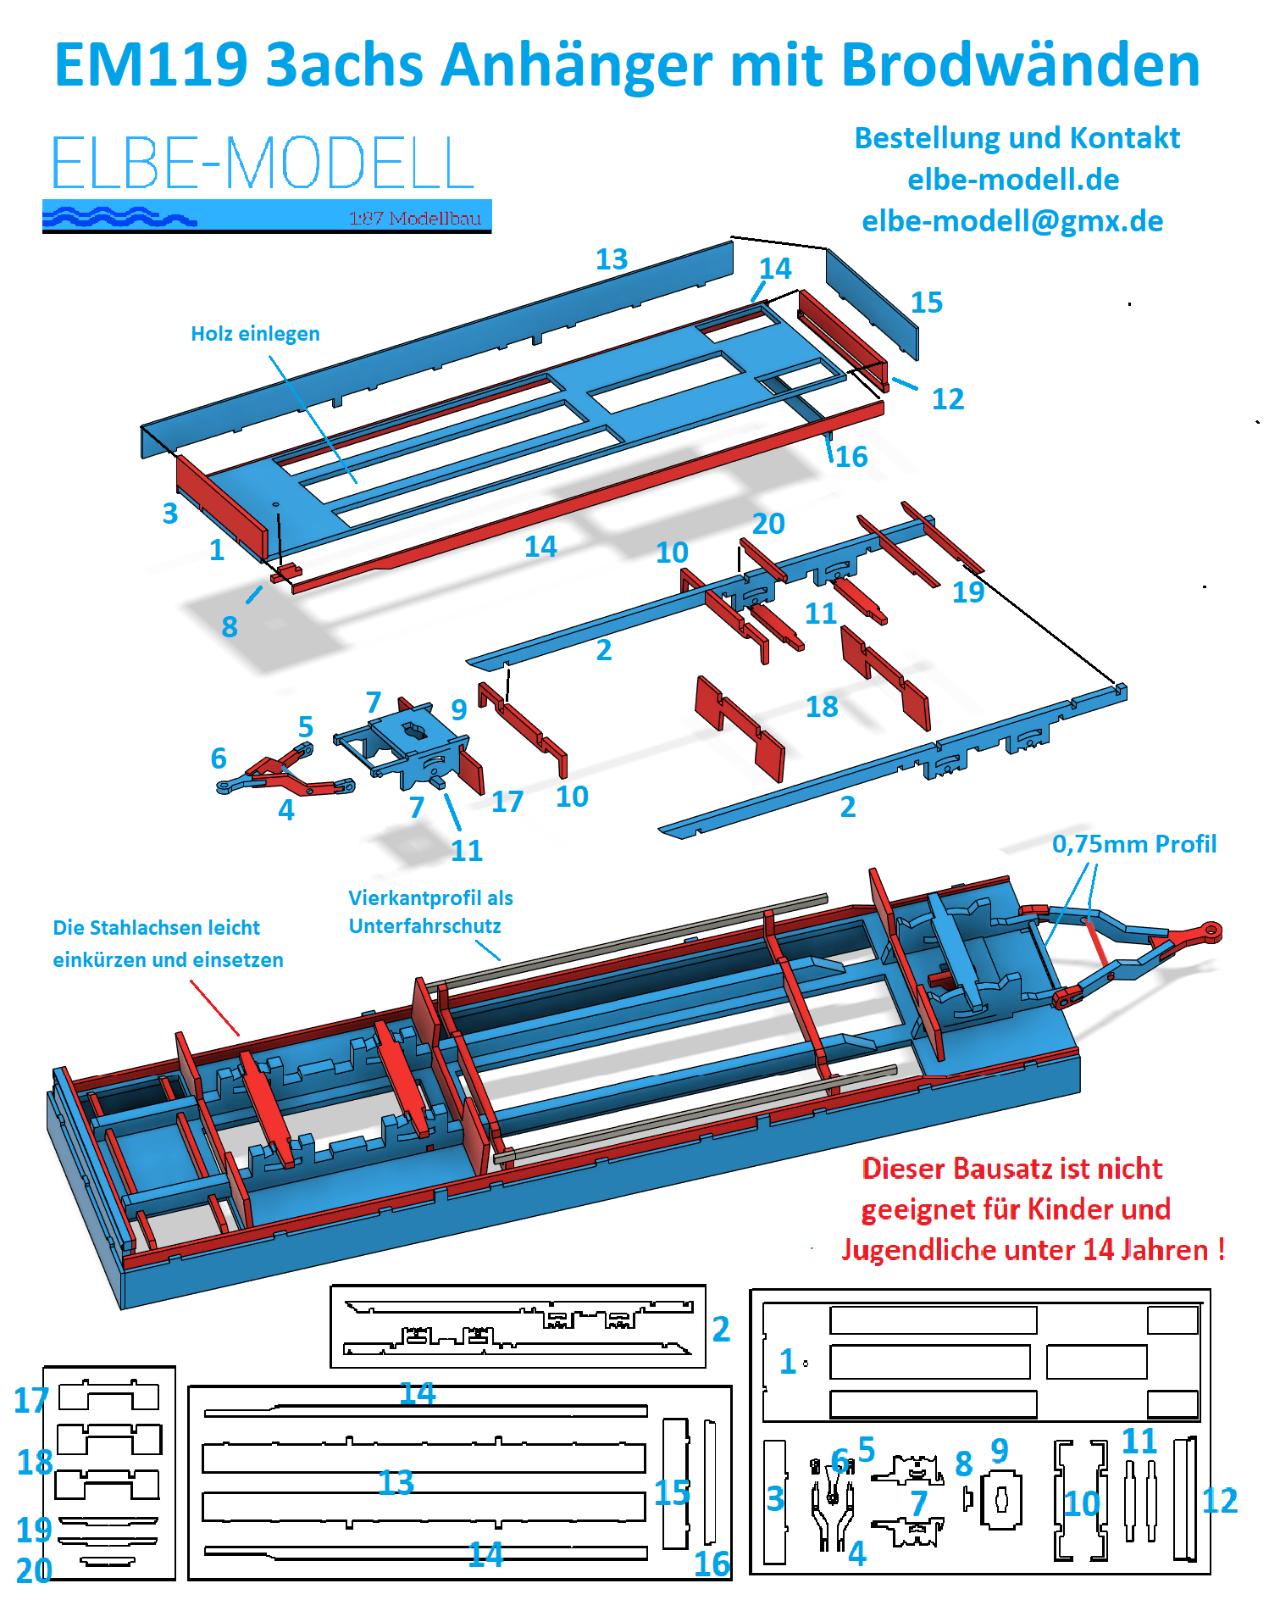 1:87 EM119 3achs Anhänger mit Bordwänden flach für Herpa Umbau Eigenbau 3